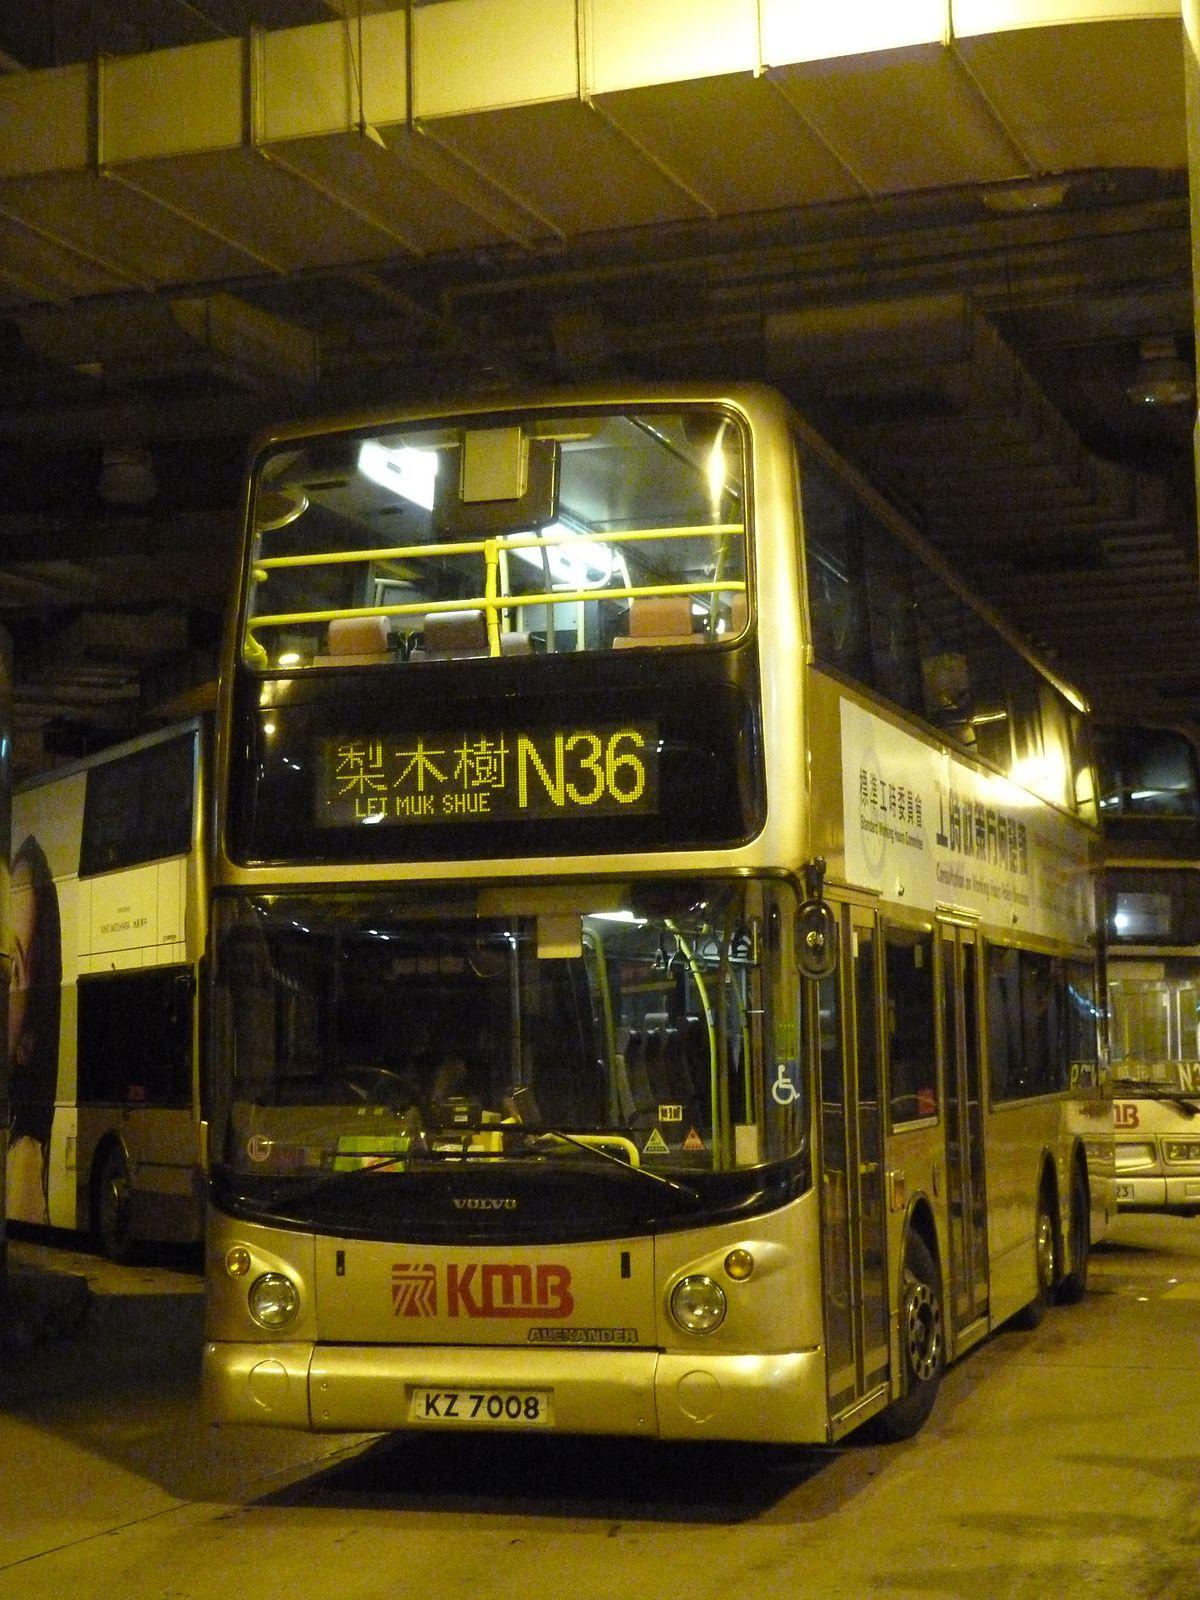 九龍巴士N36線 - 維基百科,自由的百科全書